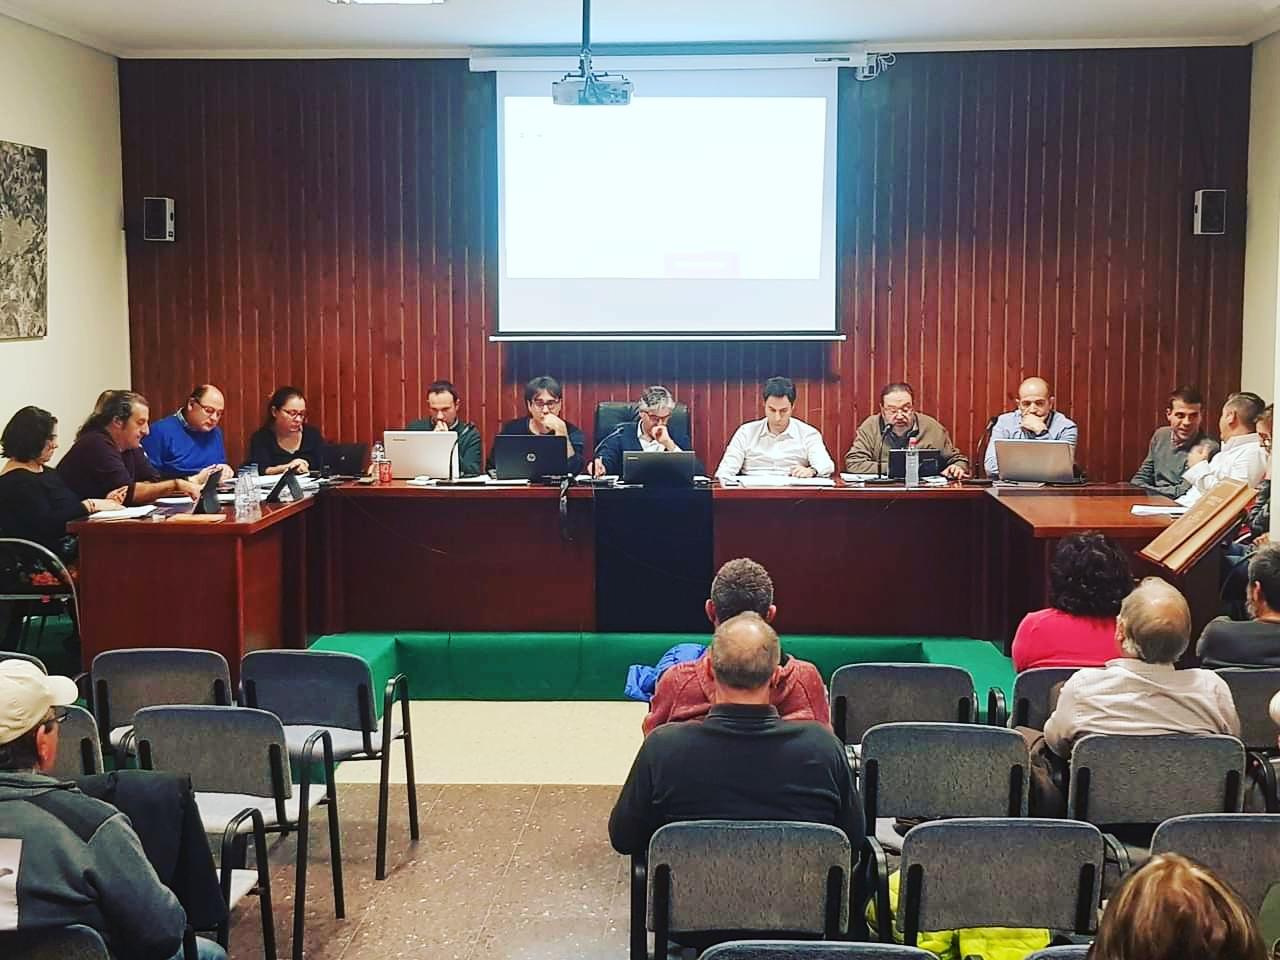 La localidad del Camp de Túria desarrollará un plan de prevención contra las violencias machistas y la desigualdad que impregne las concejalías